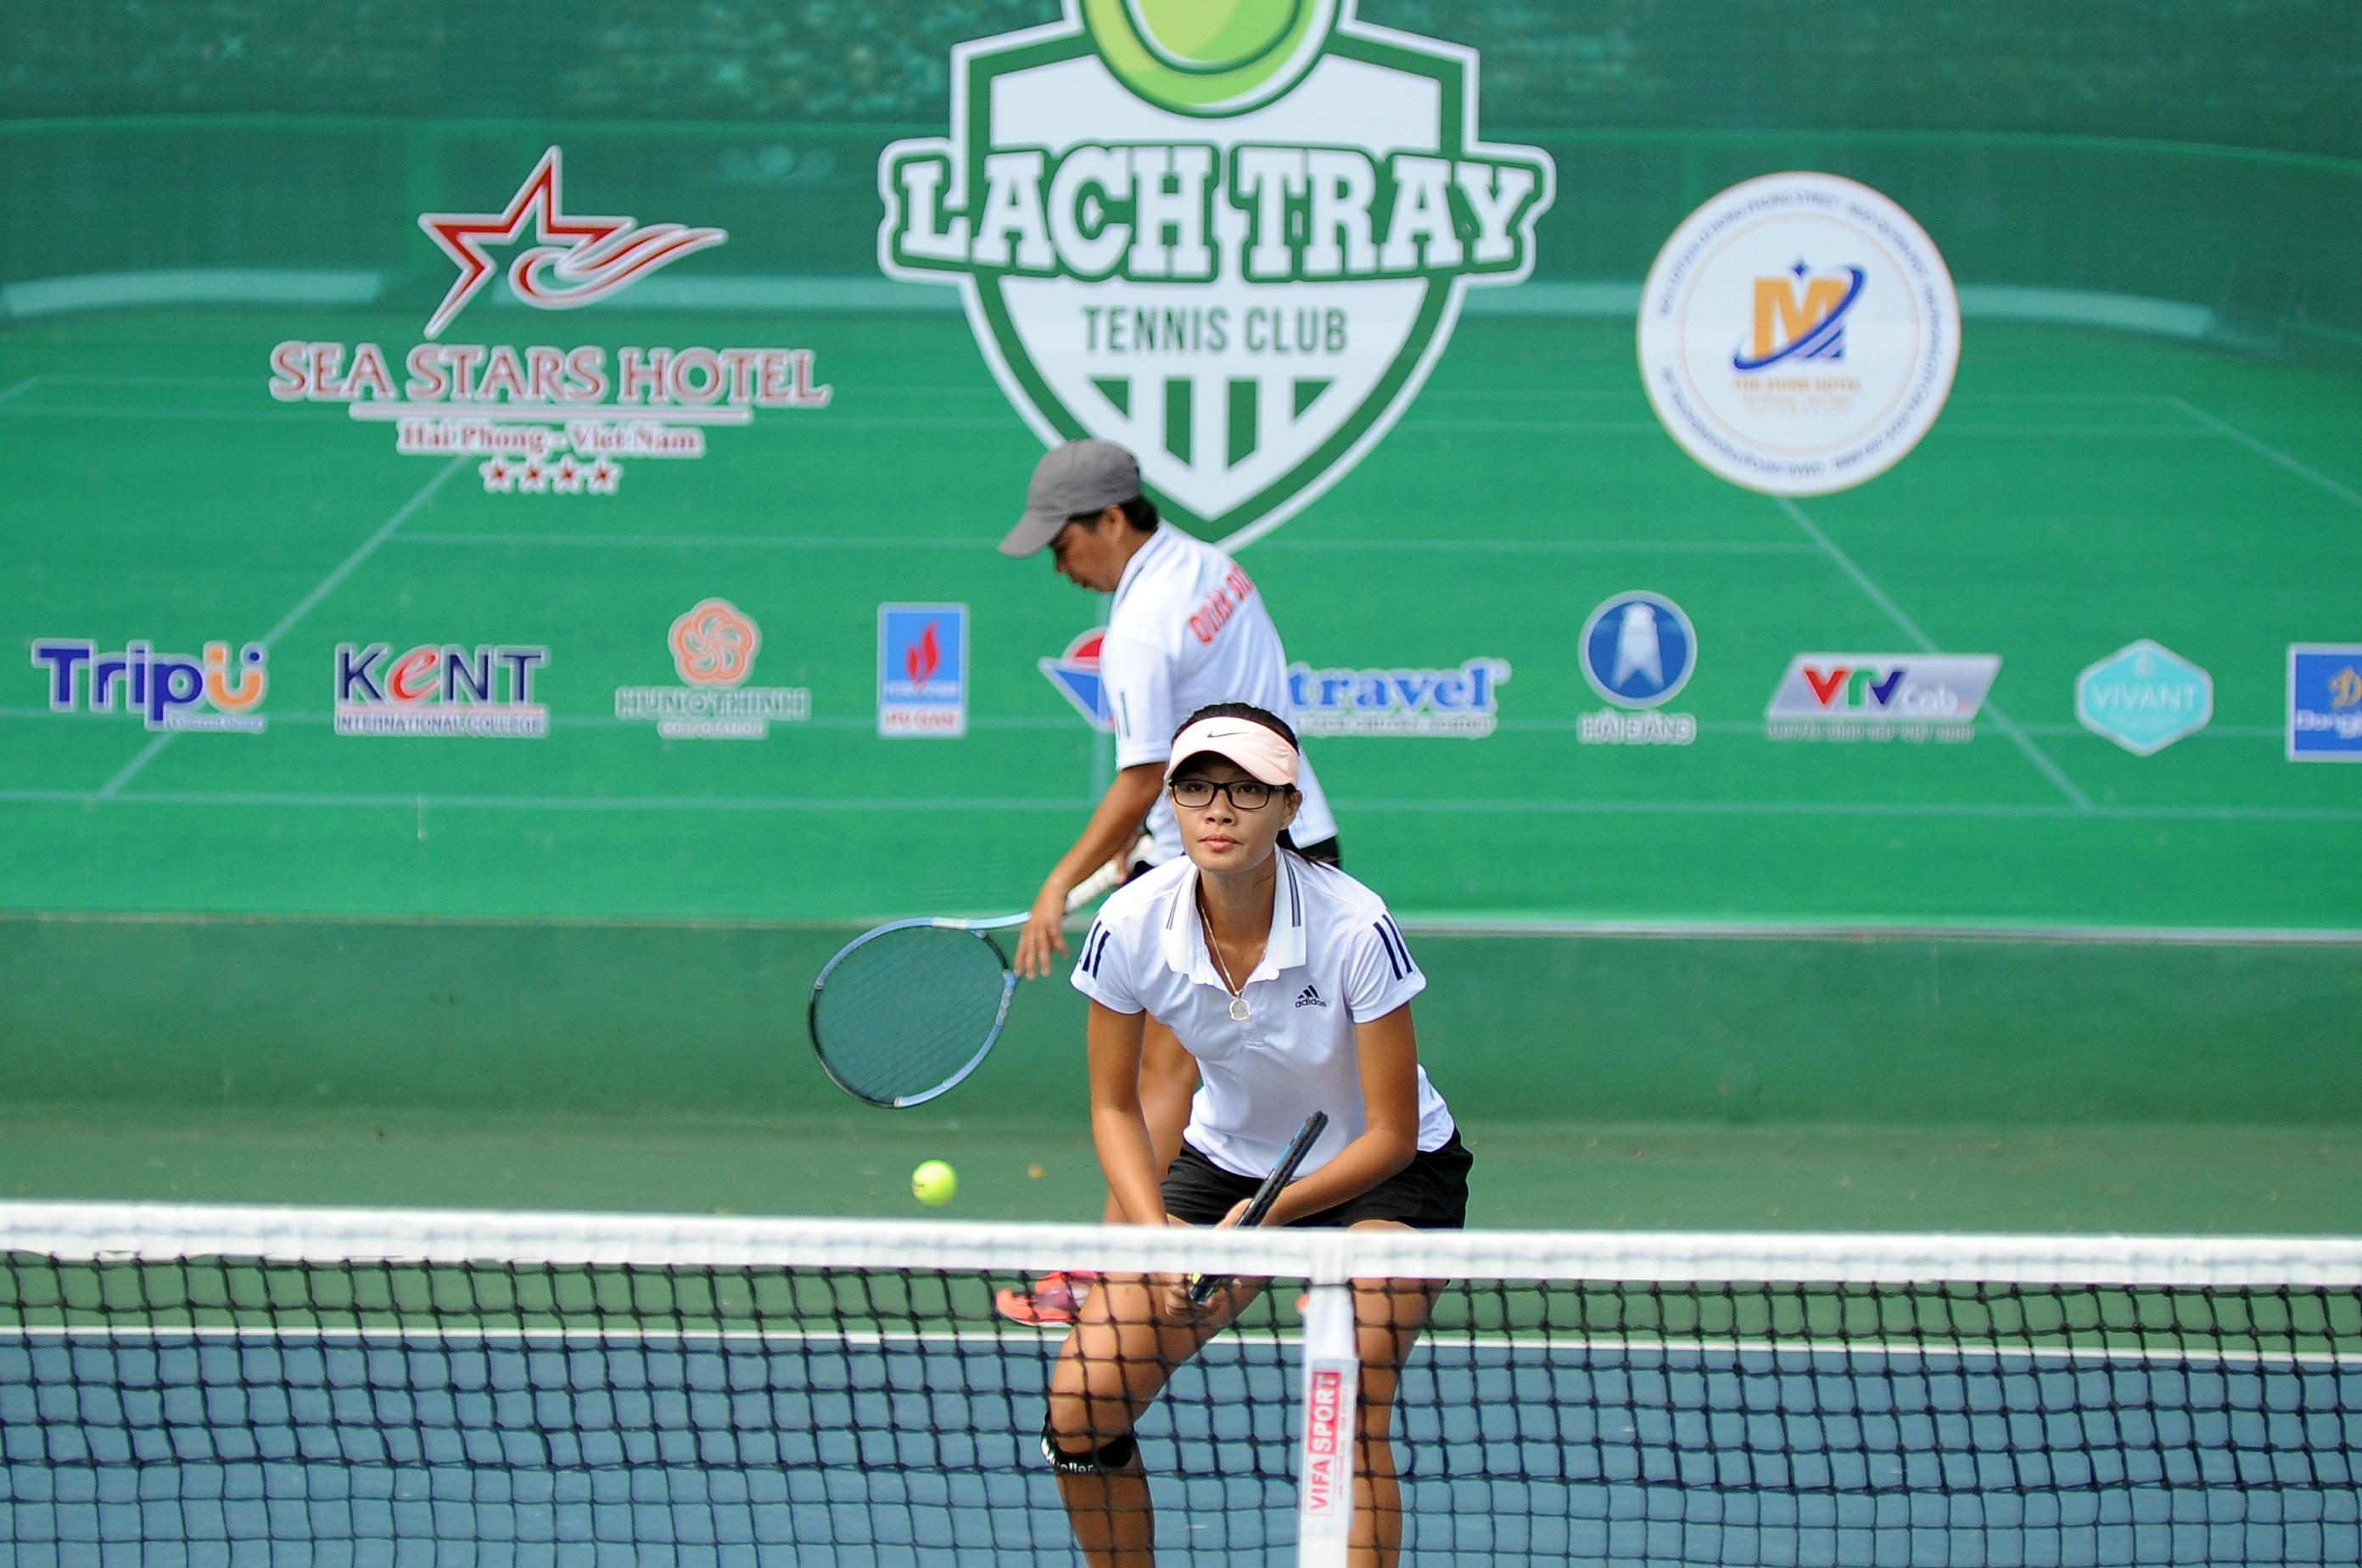 Hình ảnh: VTF Masters 500 – 2 – Lach Tray Cup 2020: Hoàng Nam và Quốc Khánh vô địch đánh đôi số 2